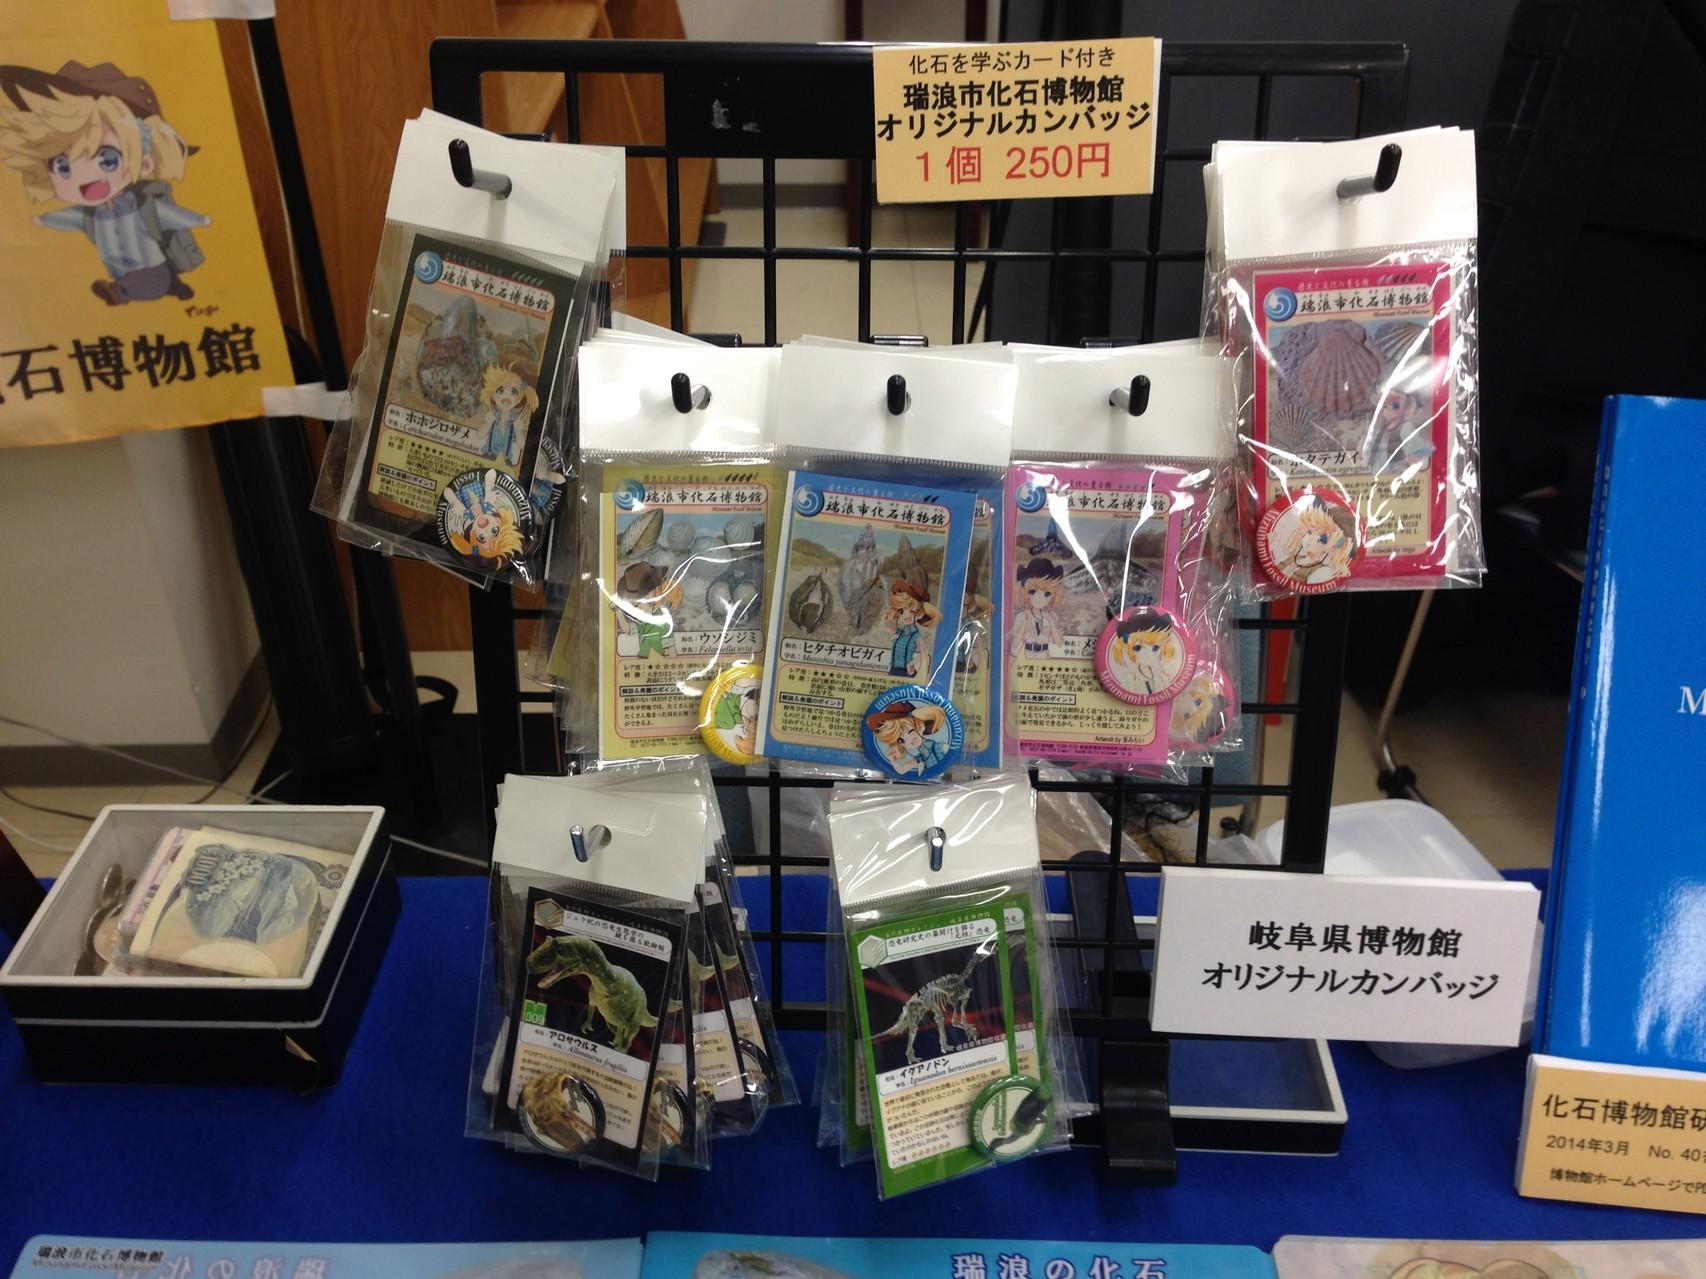 岐阜県博物館のカンバッジ